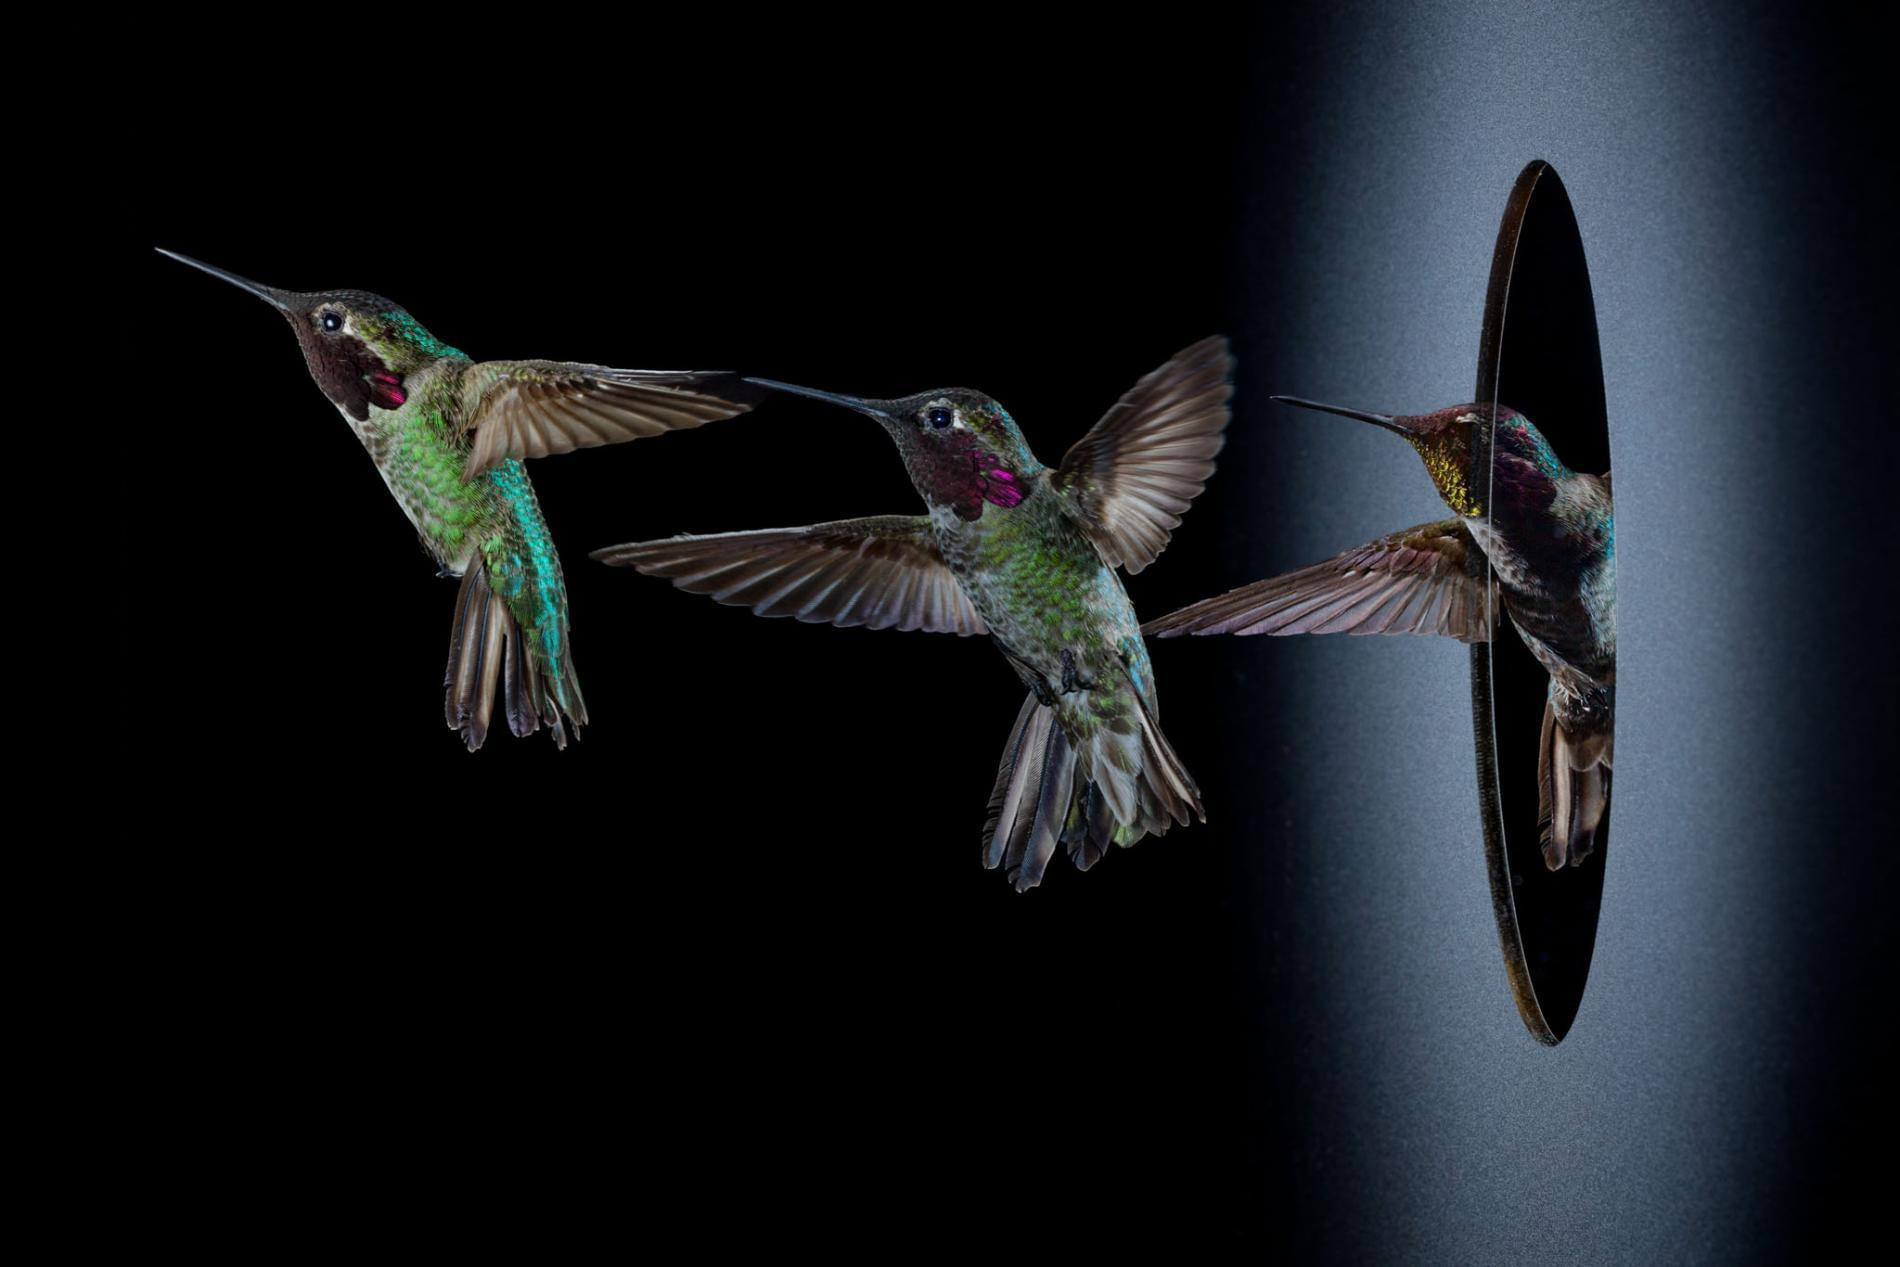 宅男汗颜!蜂鸟手速可达100次/秒 构造堪称奇迹